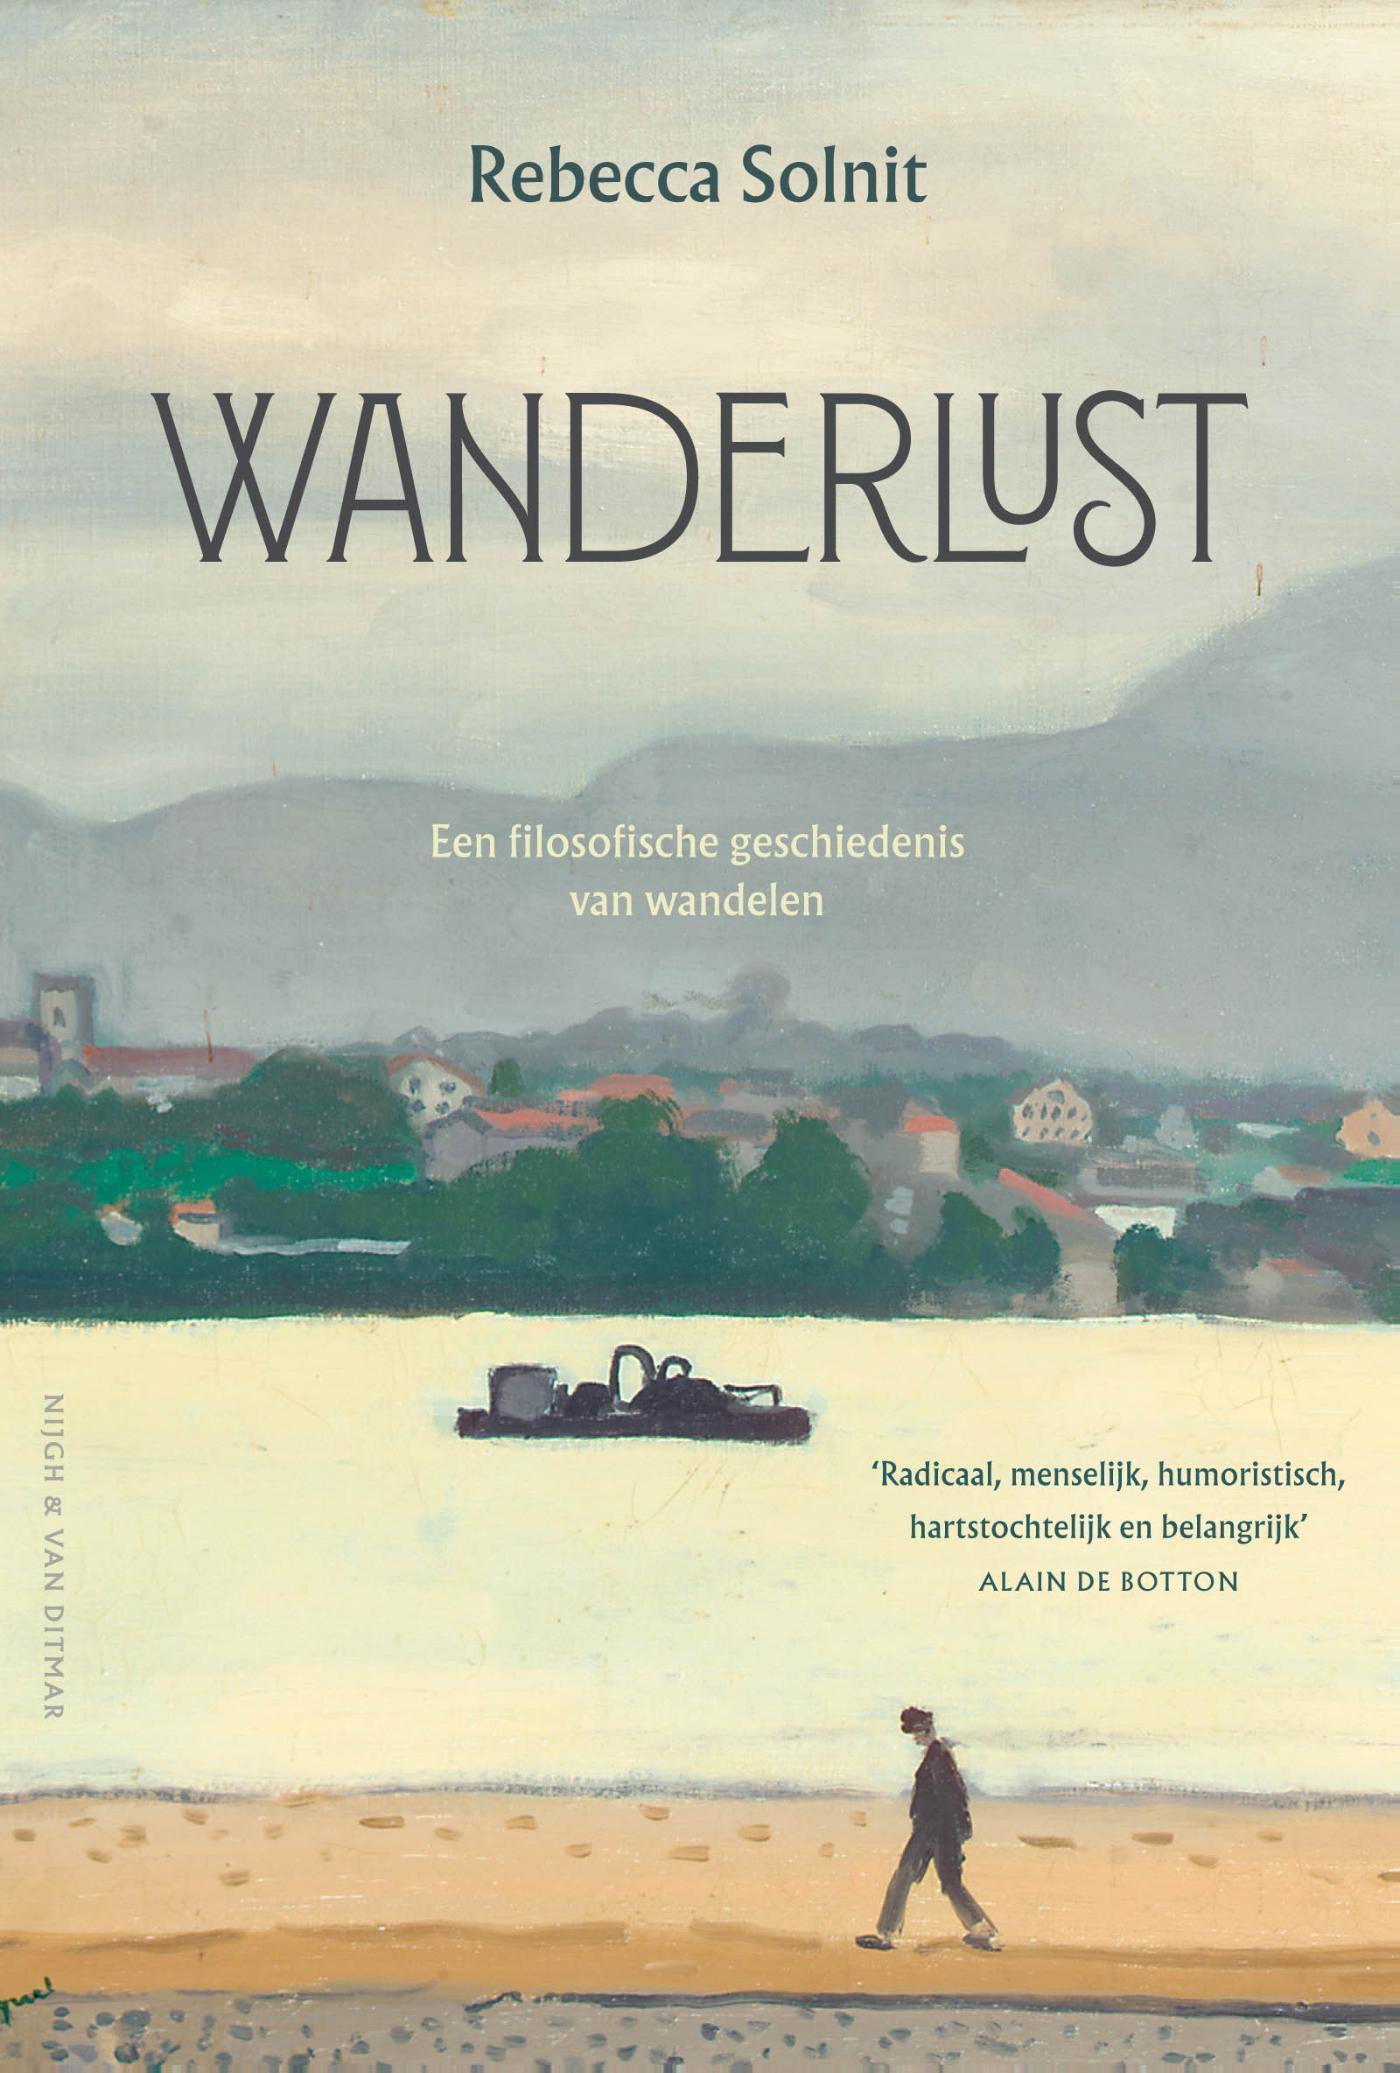 Wanderlust | Rebecca Solnit 9789038806808 Rebecca Solnit Nijgh & Van Ditmar   Historische reisgidsen, Wandelgidsen, Wandelreisverhalen Reisinformatie algemeen